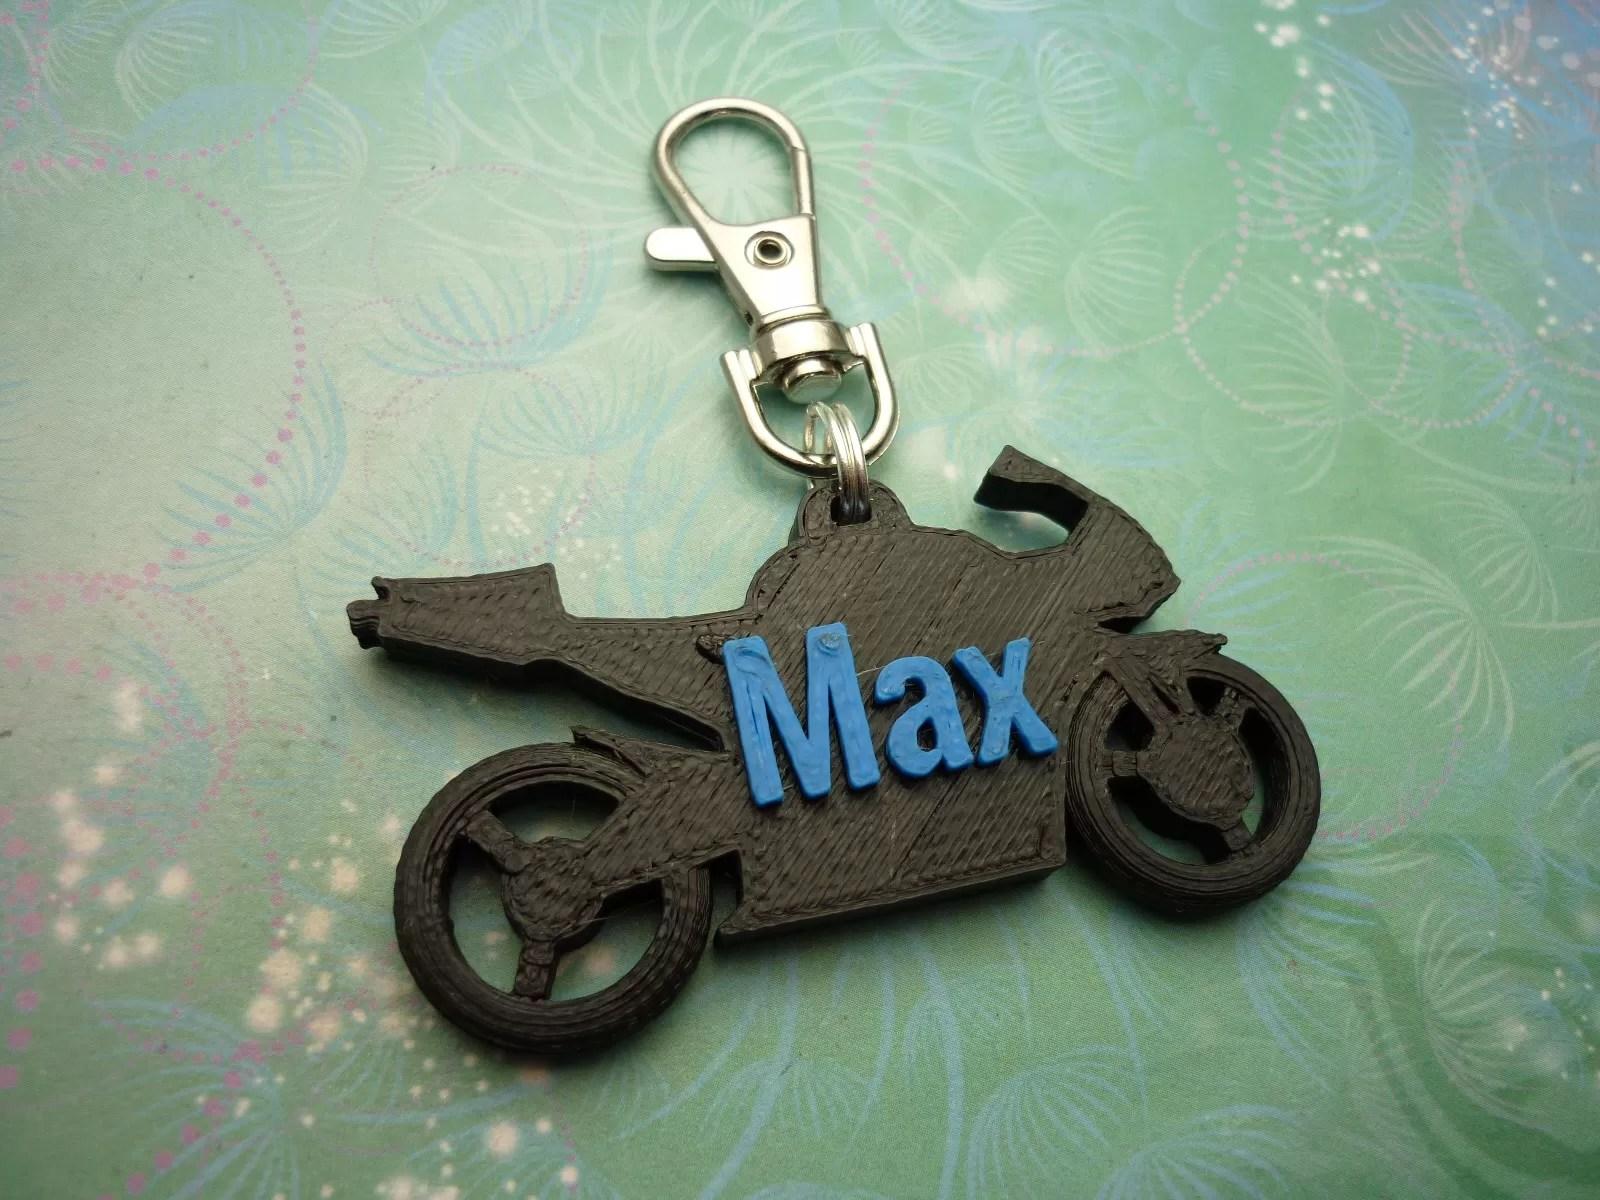 3d printed motorbike key